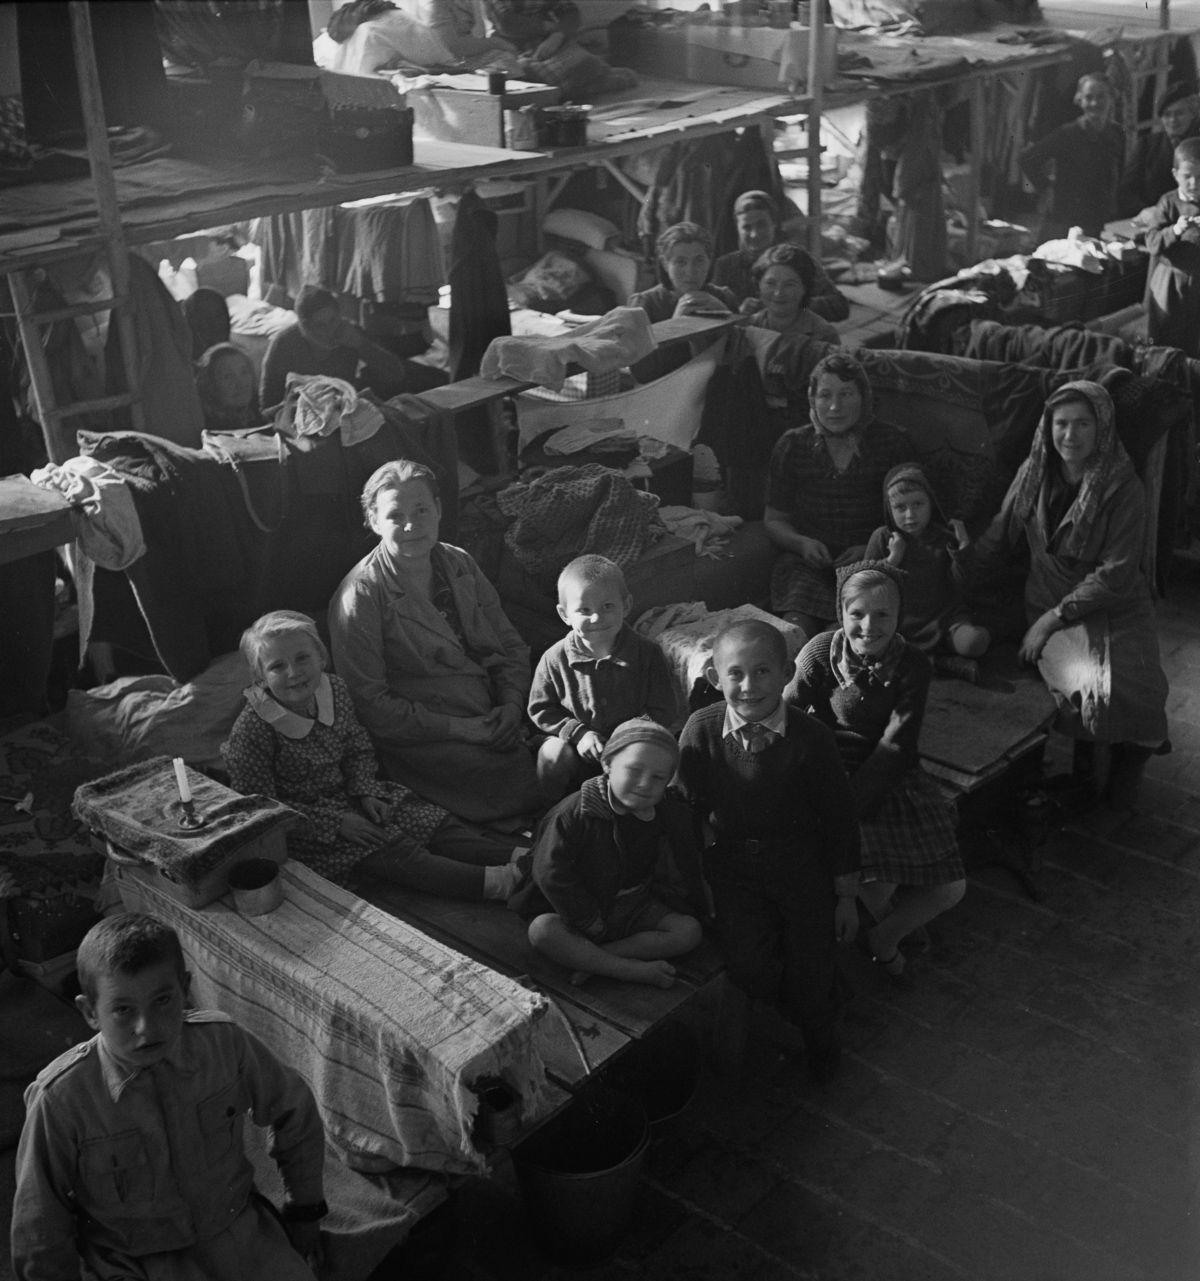 Na Segunda Guerra Mundial, refugiados poloneses encontraram seguran�a no Ir� 10